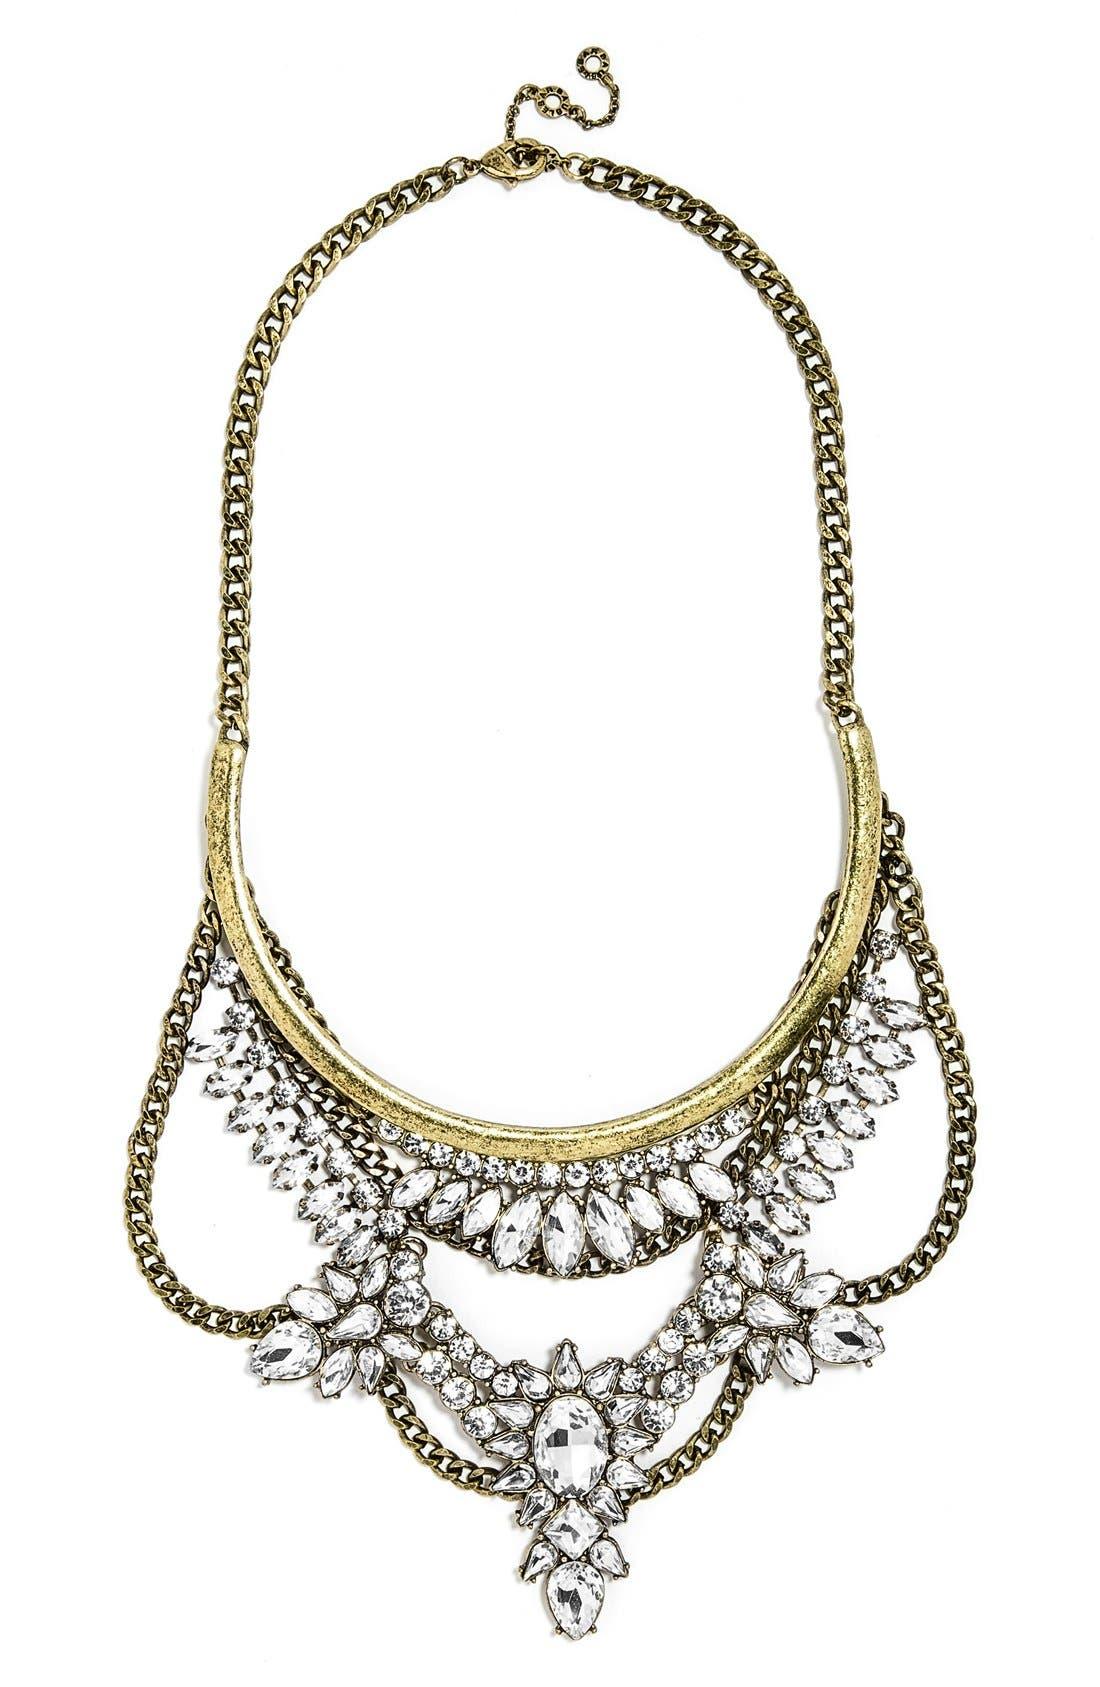 Alternate Image 1 Selected - BaubleBar 'Crystal Grendel' Bib Necklace